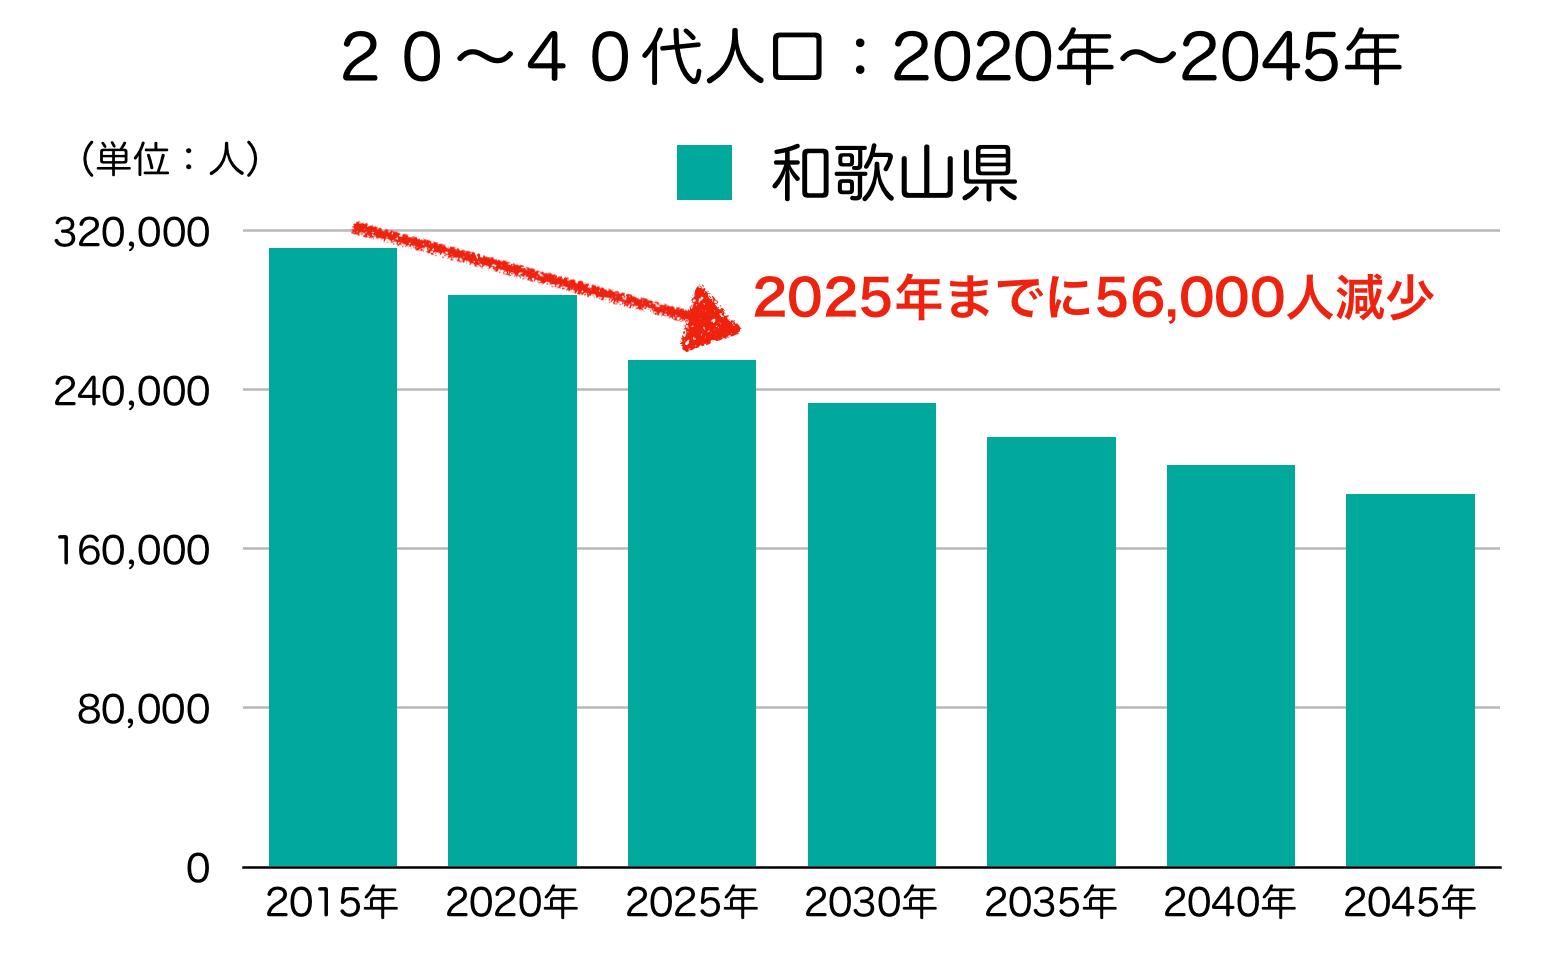 和歌山県の20〜40代人口の予測